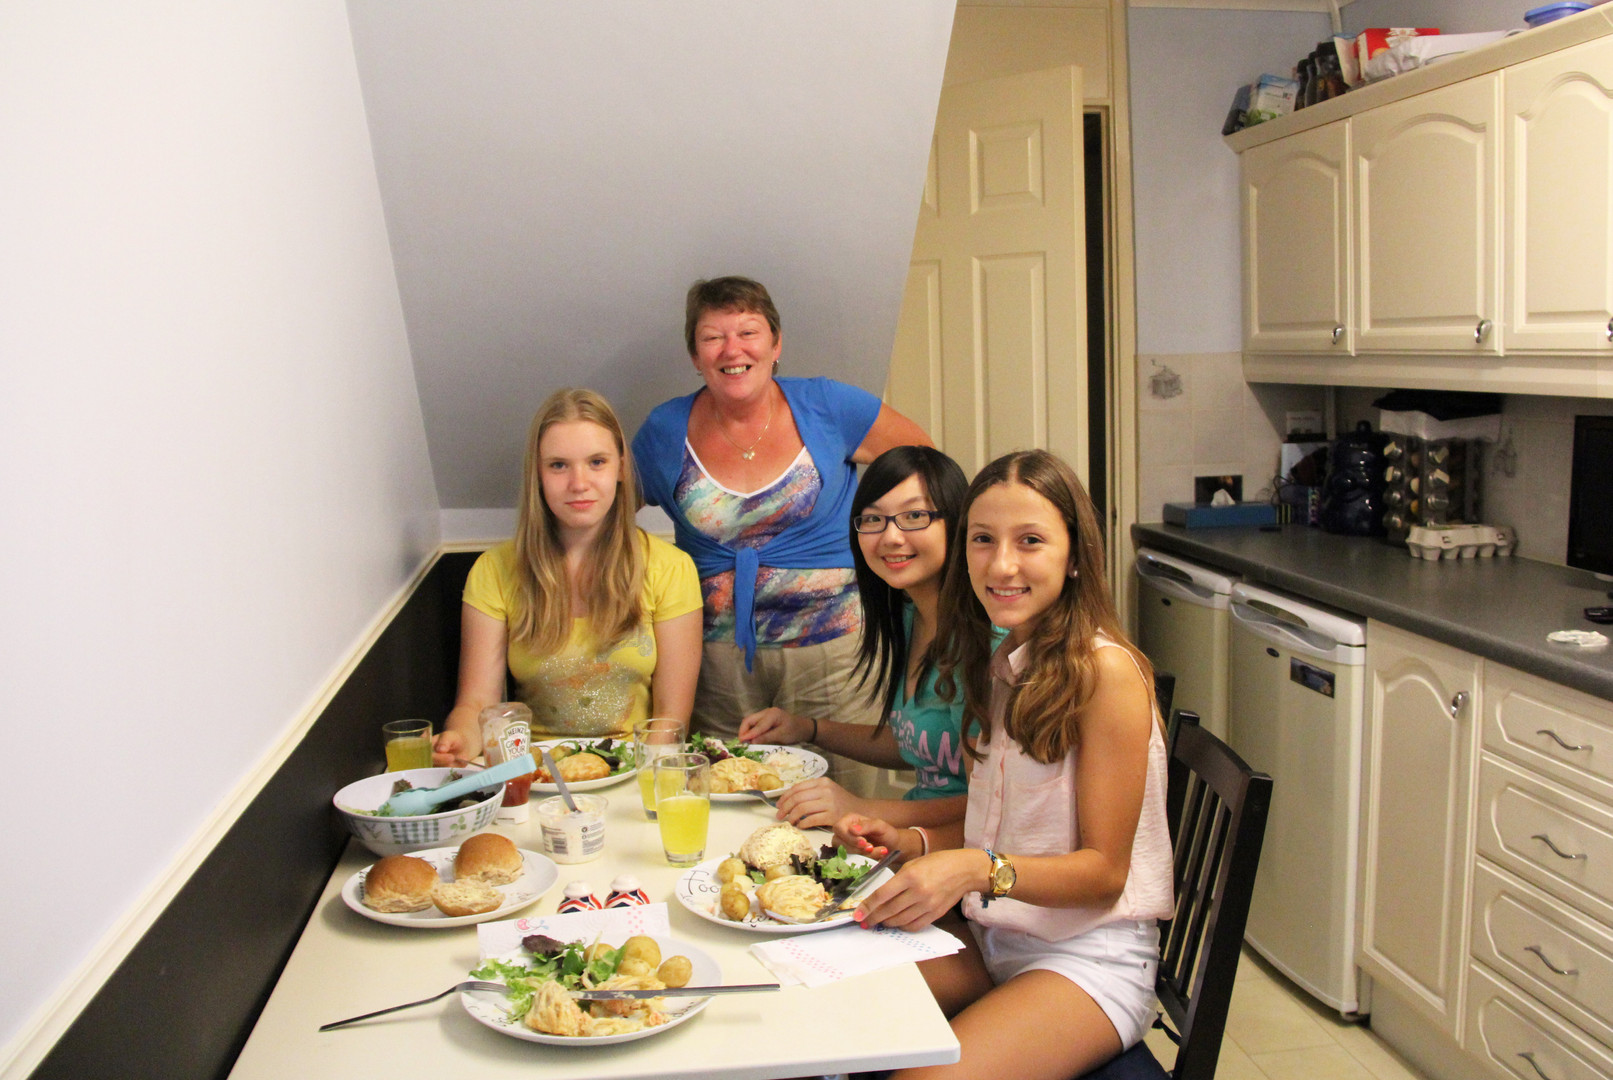 Homestay accommodation